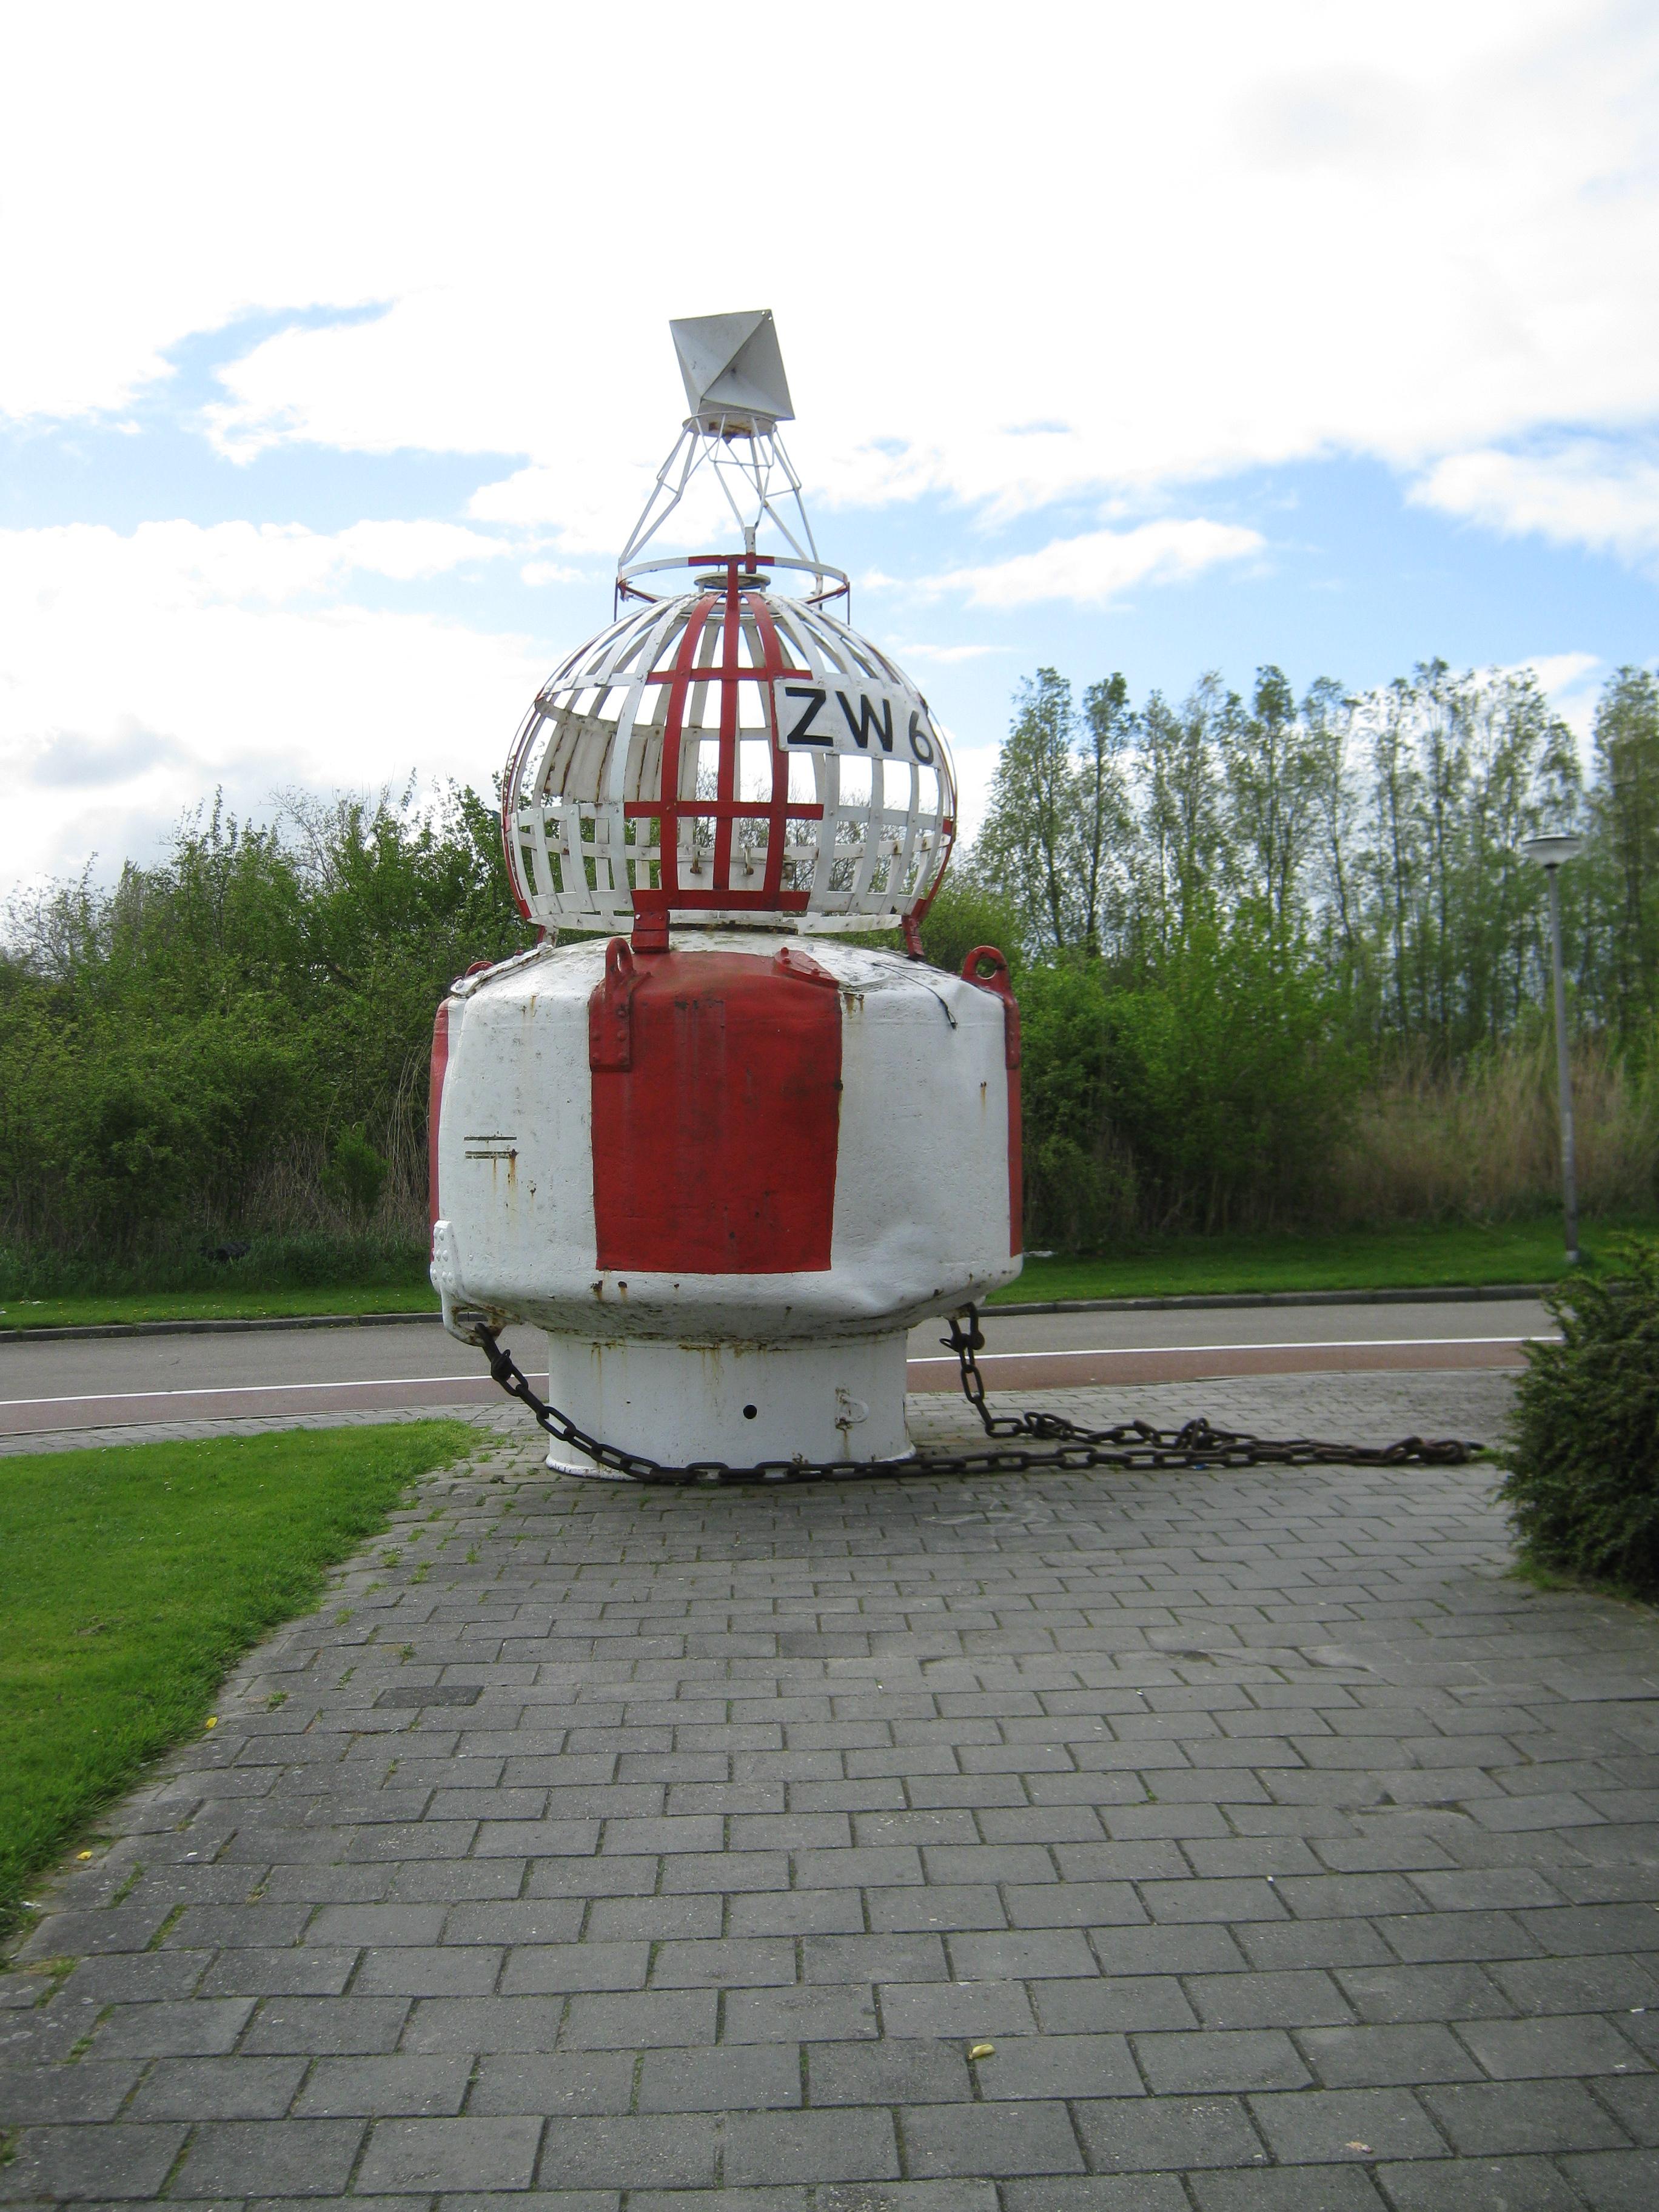 vaarwegmarkeringsboei, gemerkt ZW6, wit/rood, verticaal gestreept